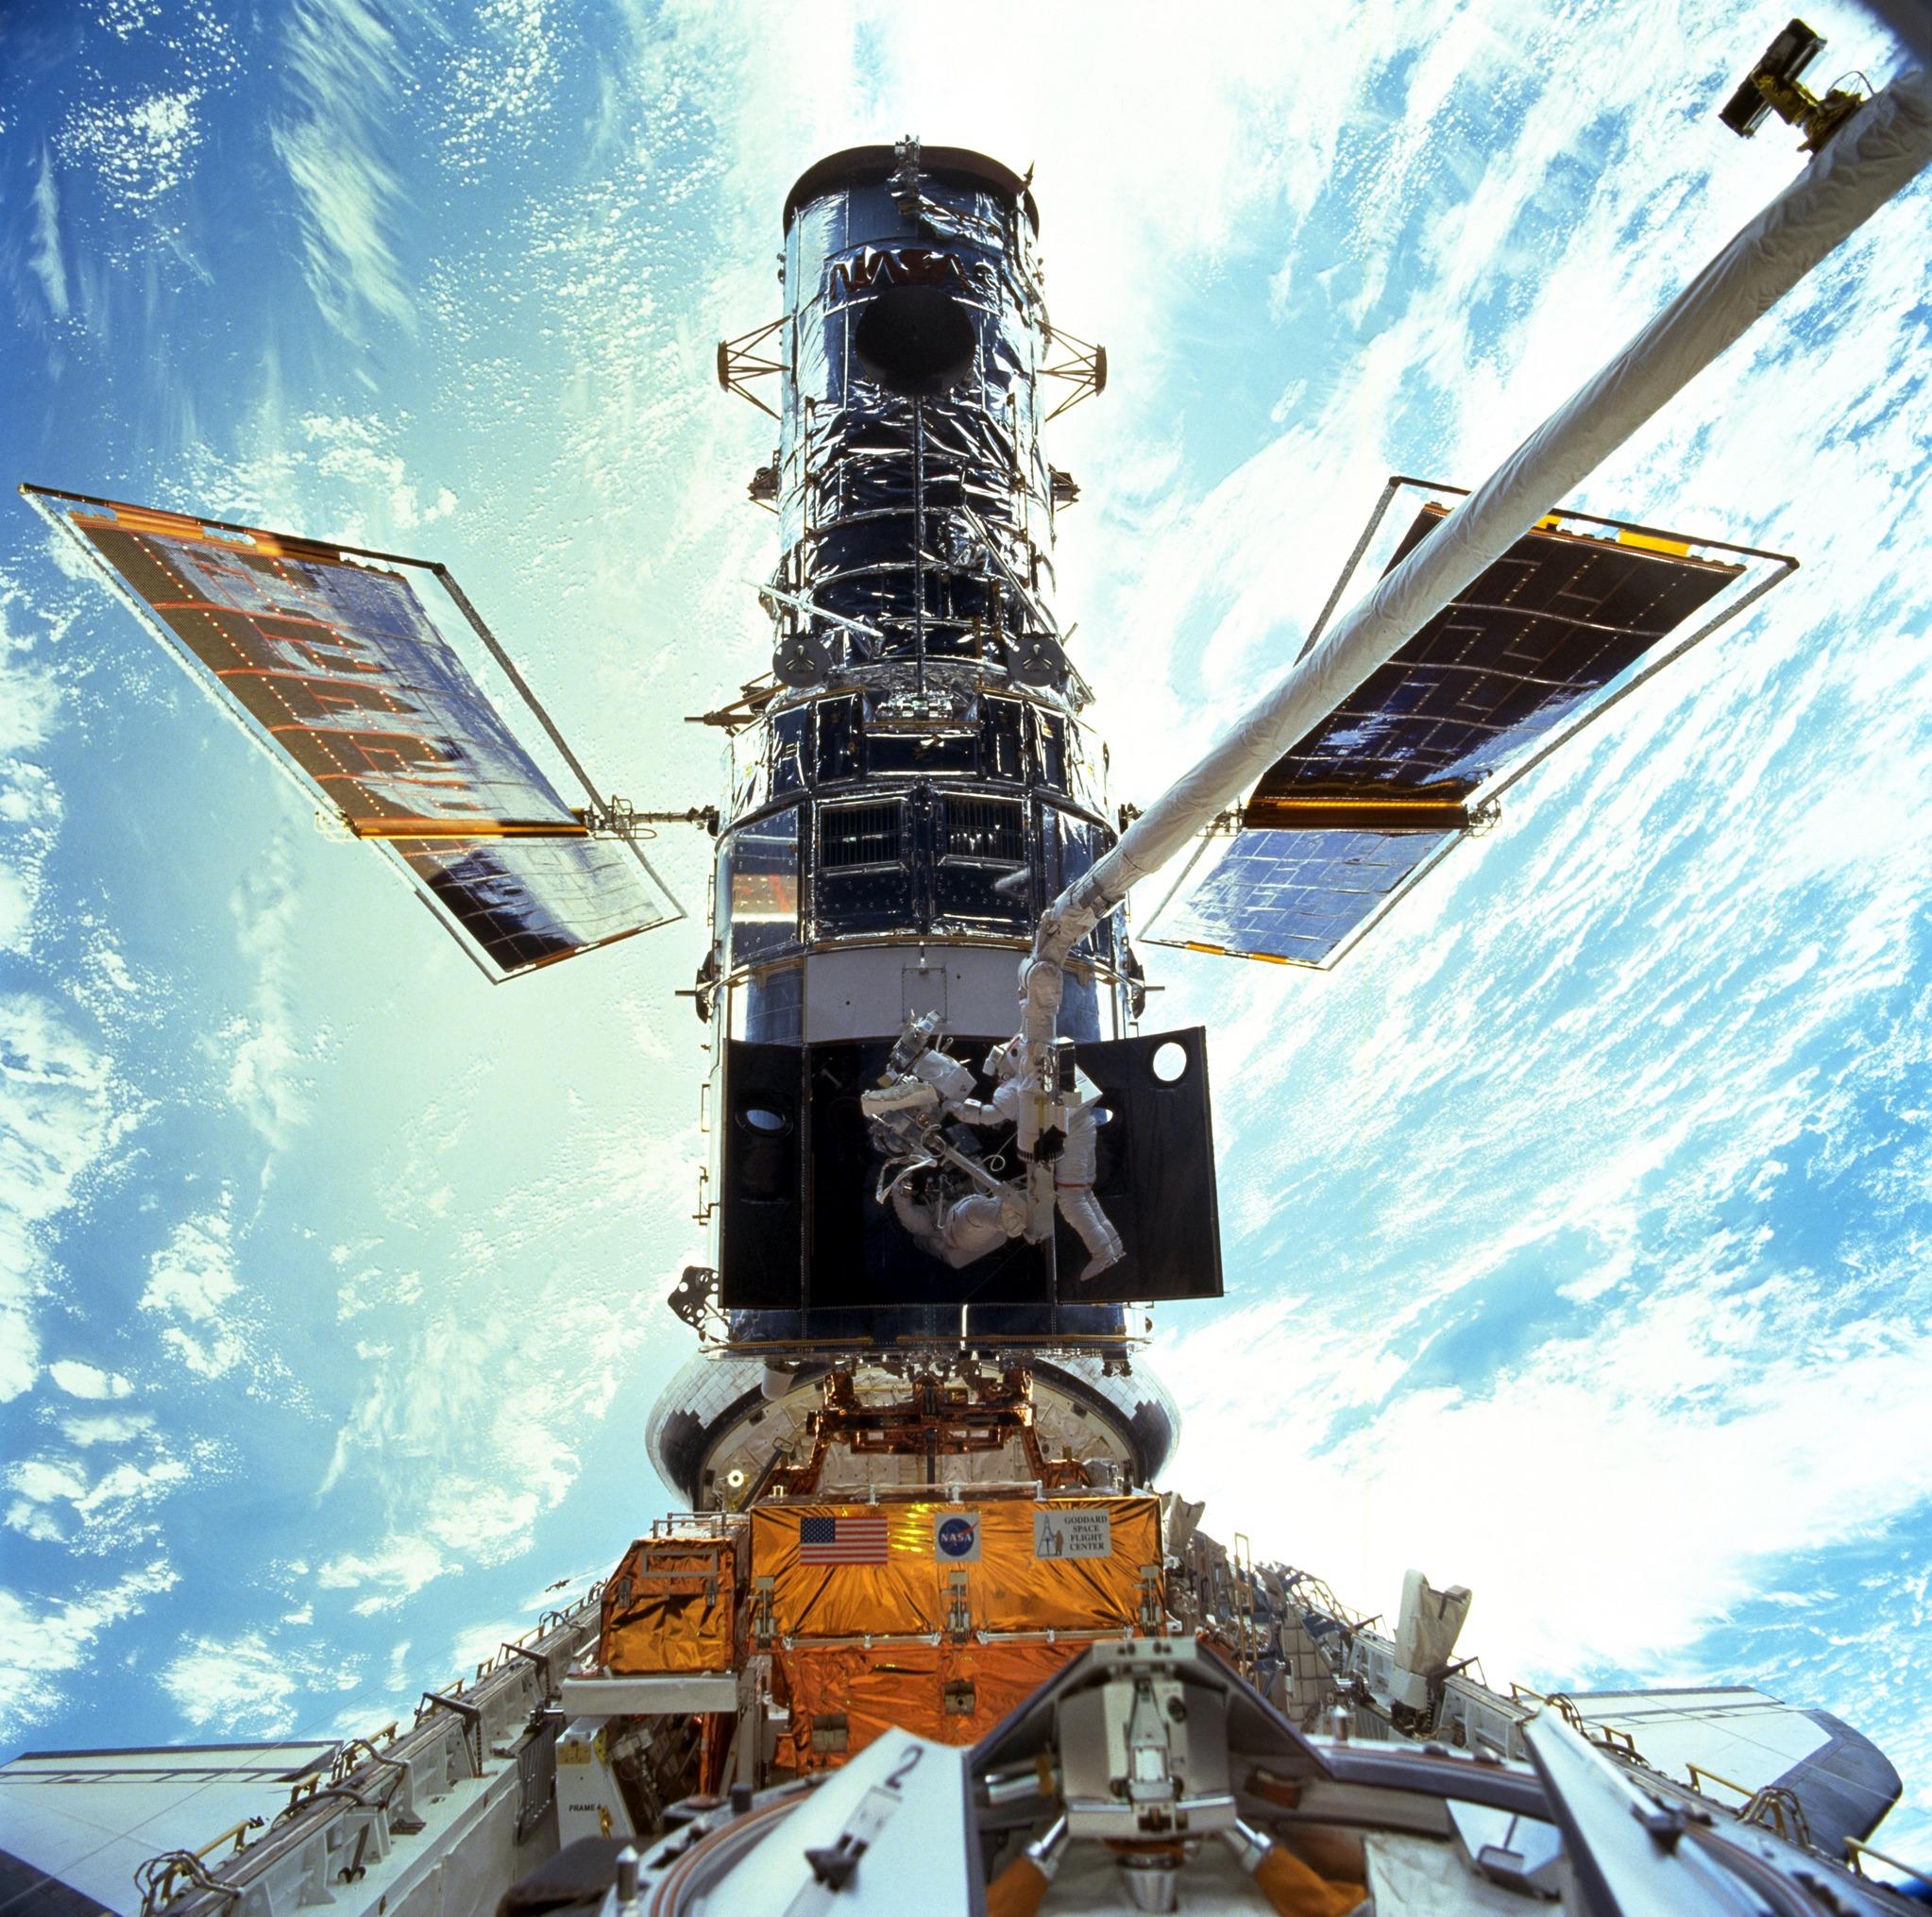 L'astronauta Steven L. Smith e John M. Grunsfeld durante la missione STS-131, l'ultima missione di servizio al telescopio Hubble nel 2009. Credits: NASA.